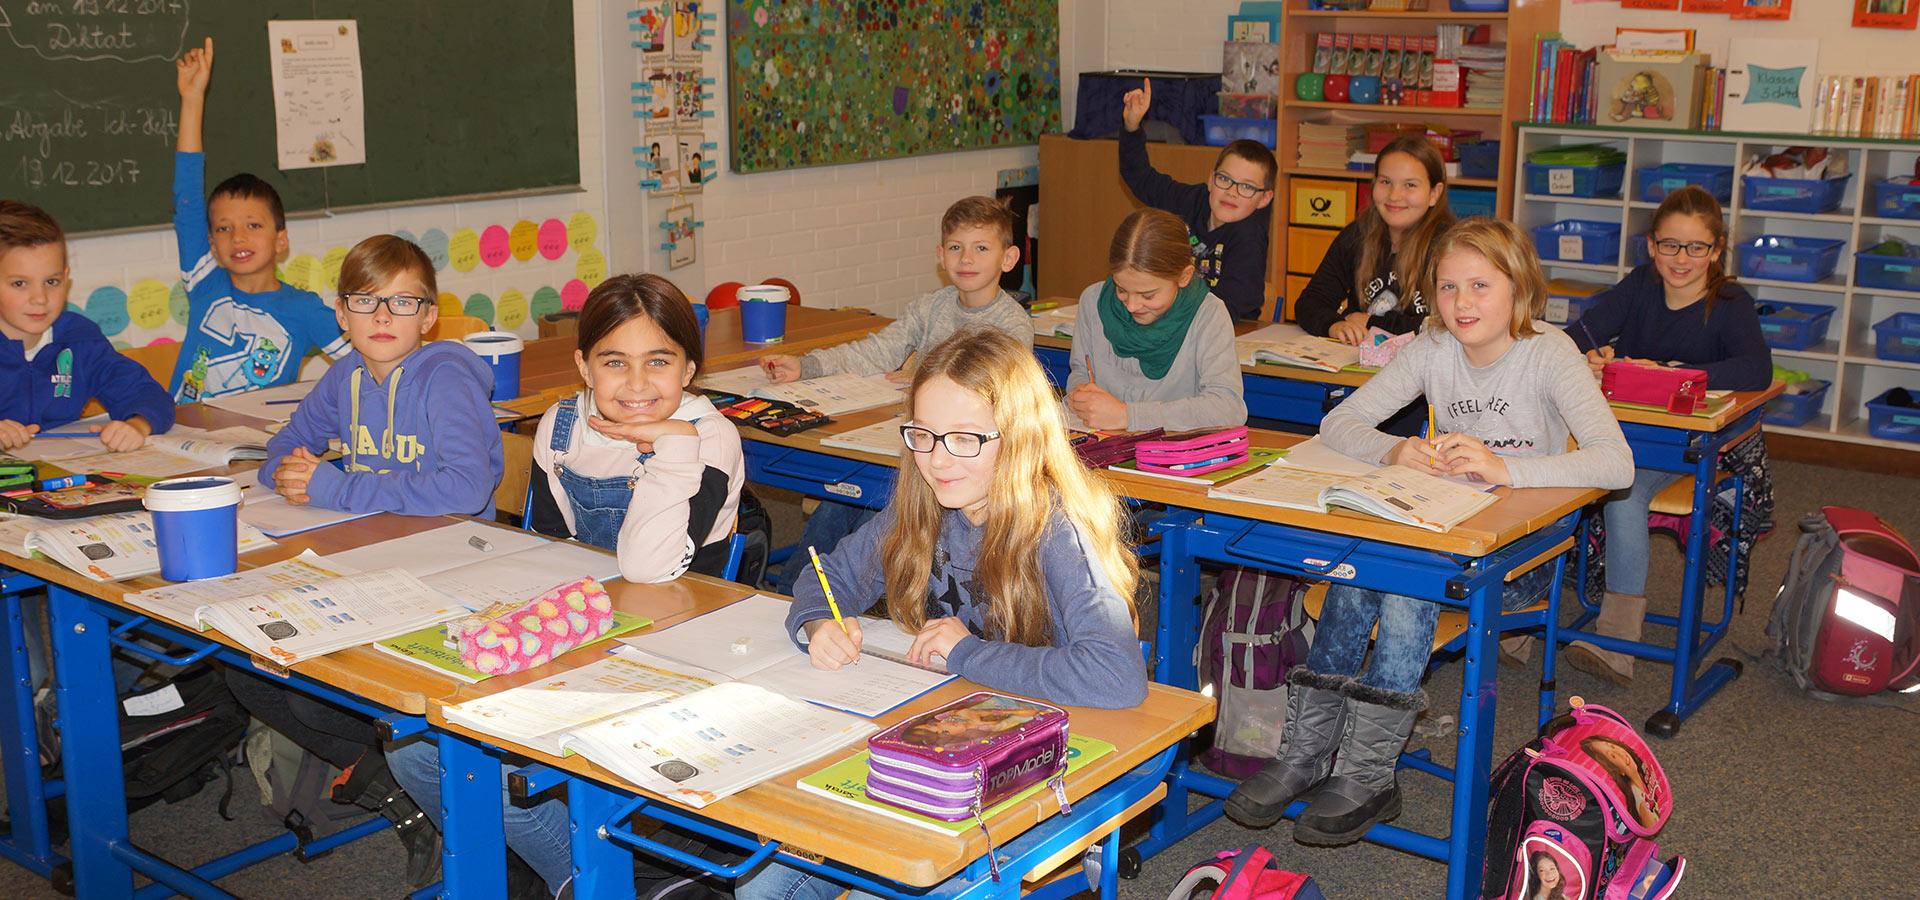 03-schillerschule-eislingen-gemeinschaft